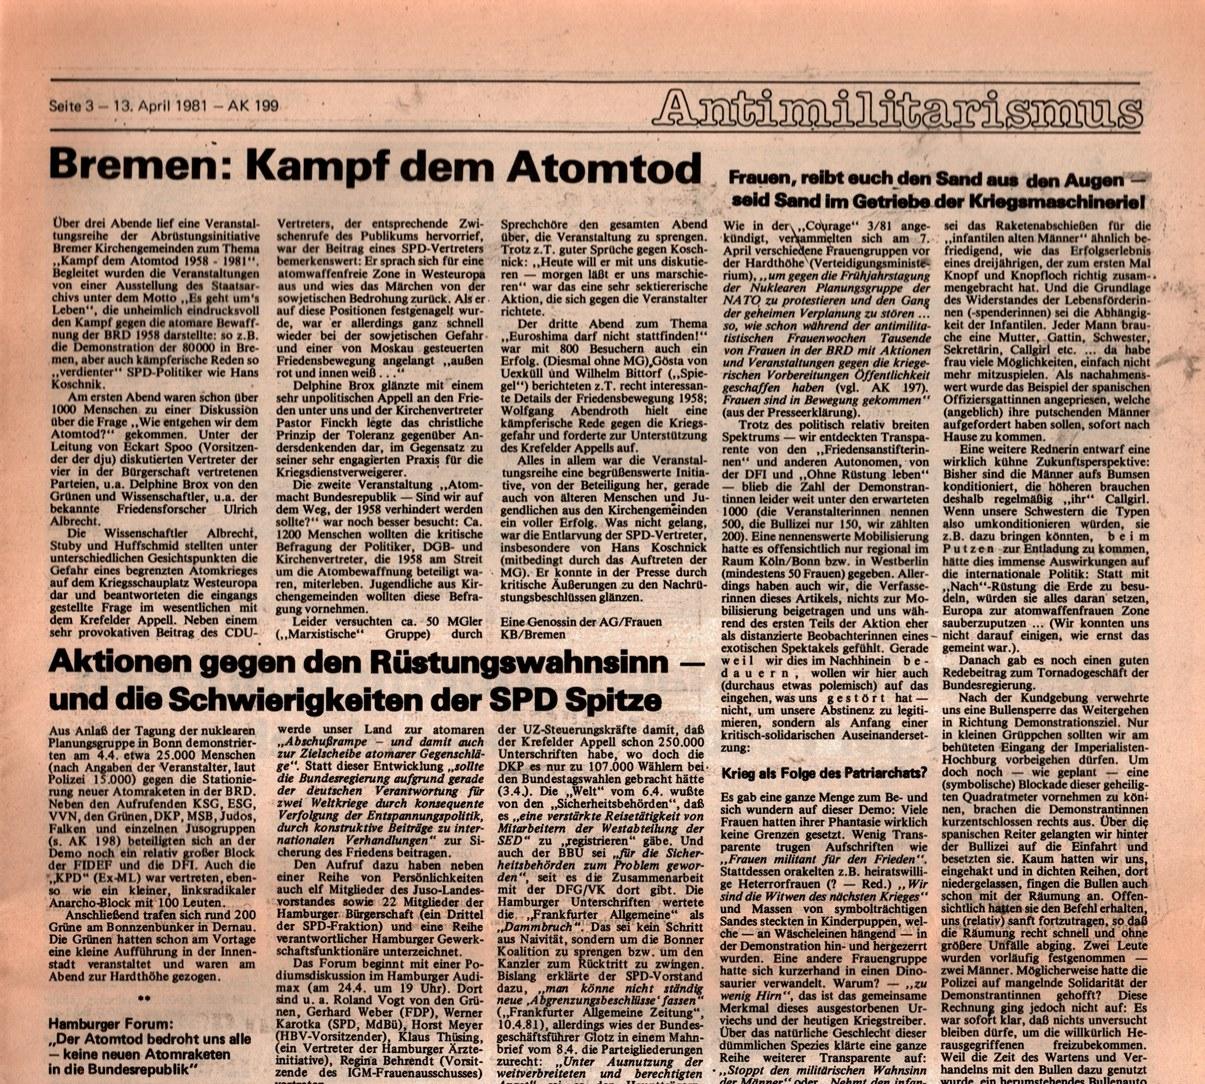 KB_AK_1981_199_005